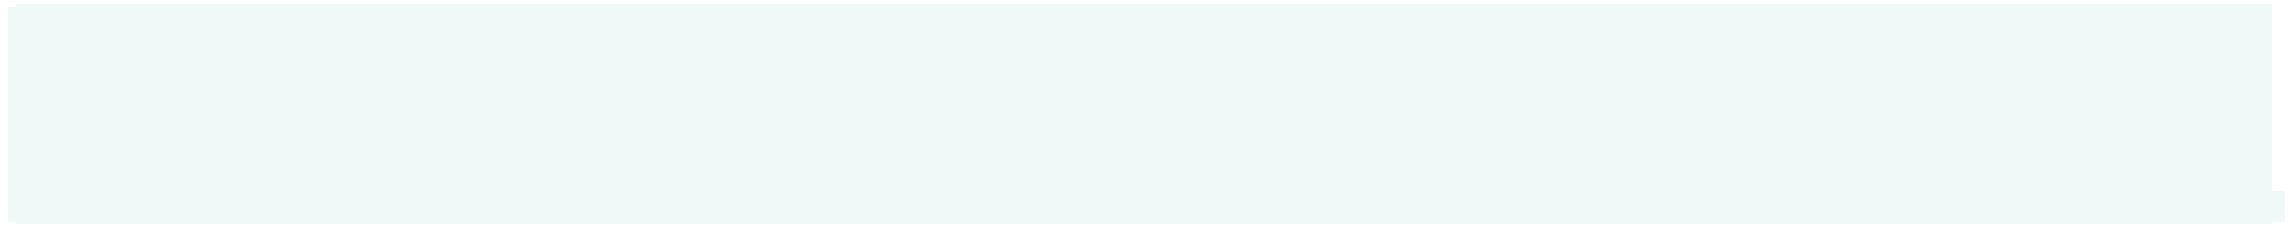 Redeschwall